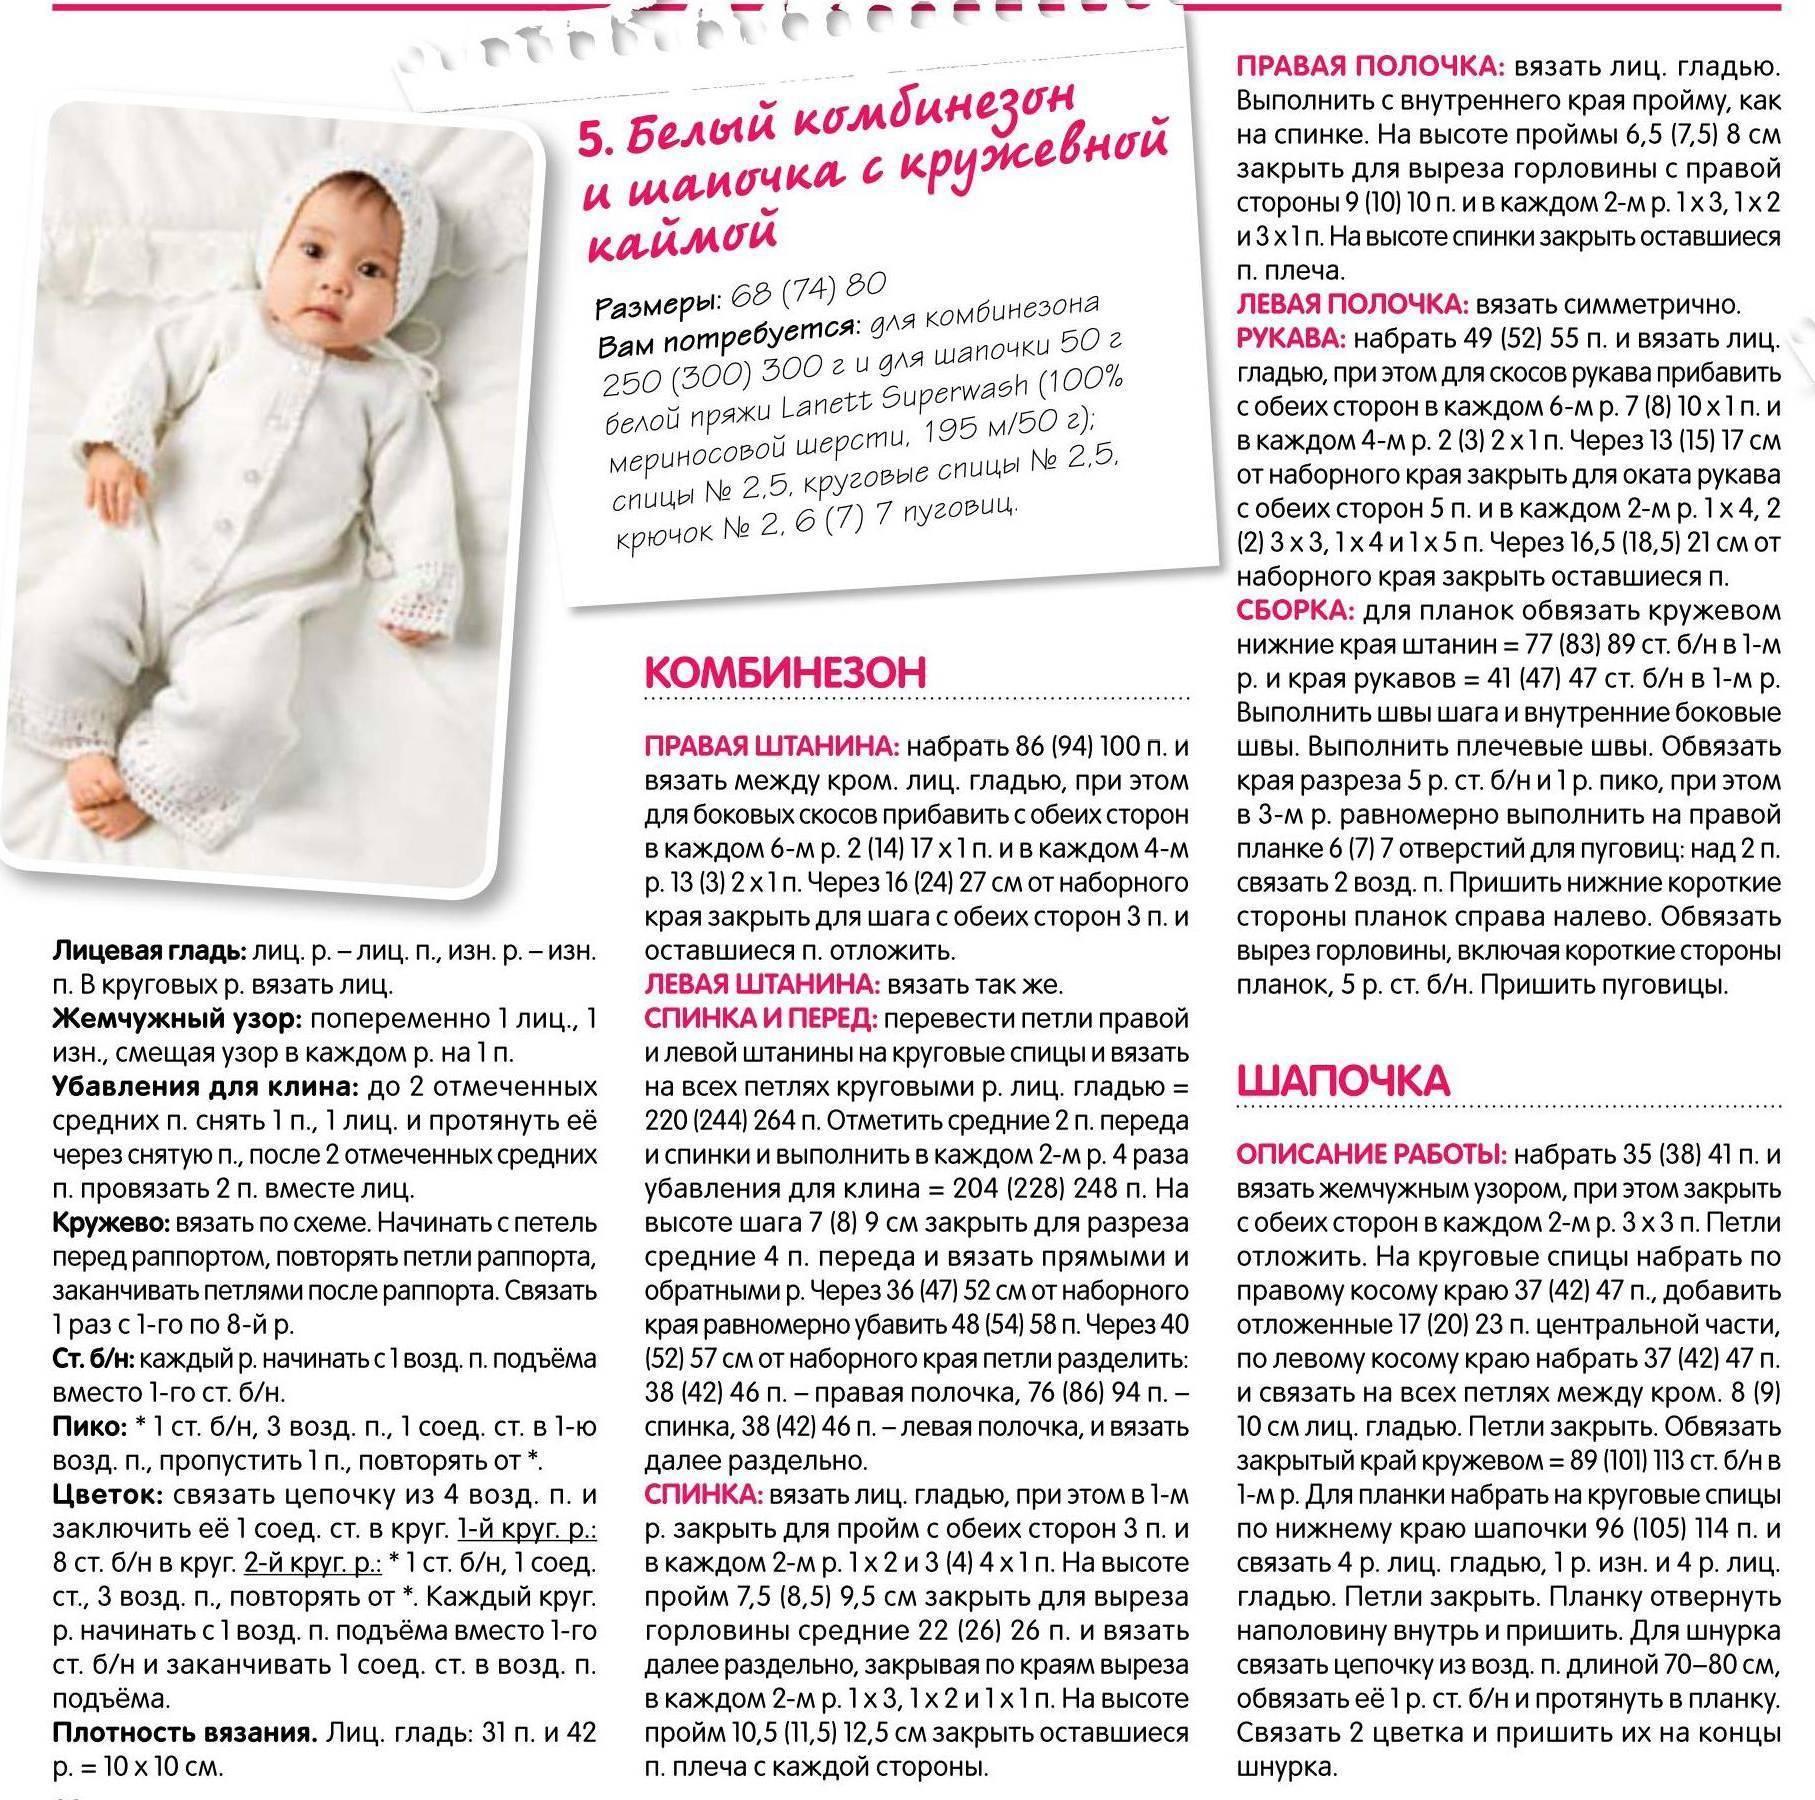 Комбинезоны для новорожденных малышей вязаные спицами